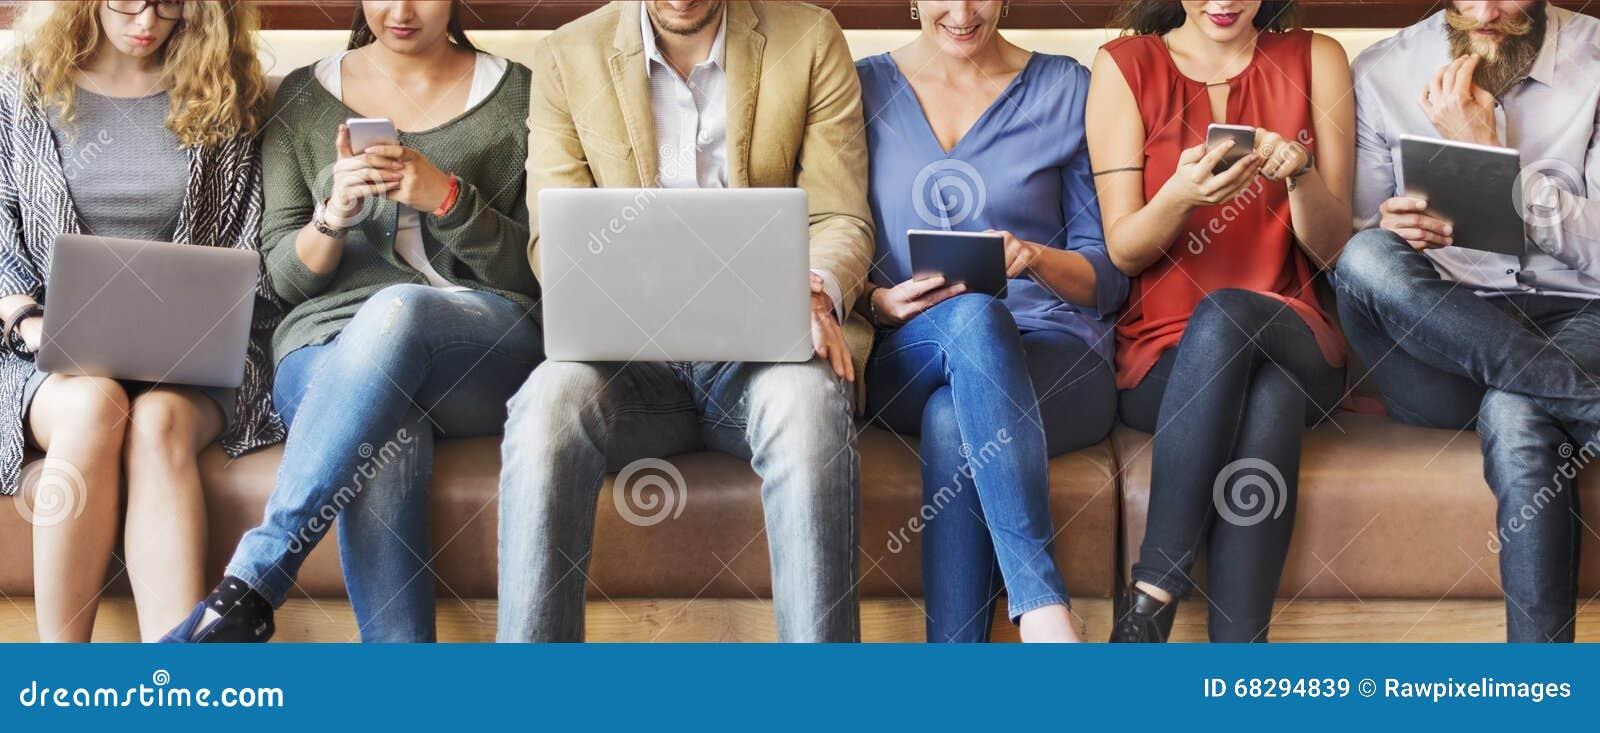 Różnorodności Cyfrowego Podłączeniowych przyrządów Wyszukuje pojęcie ludzie